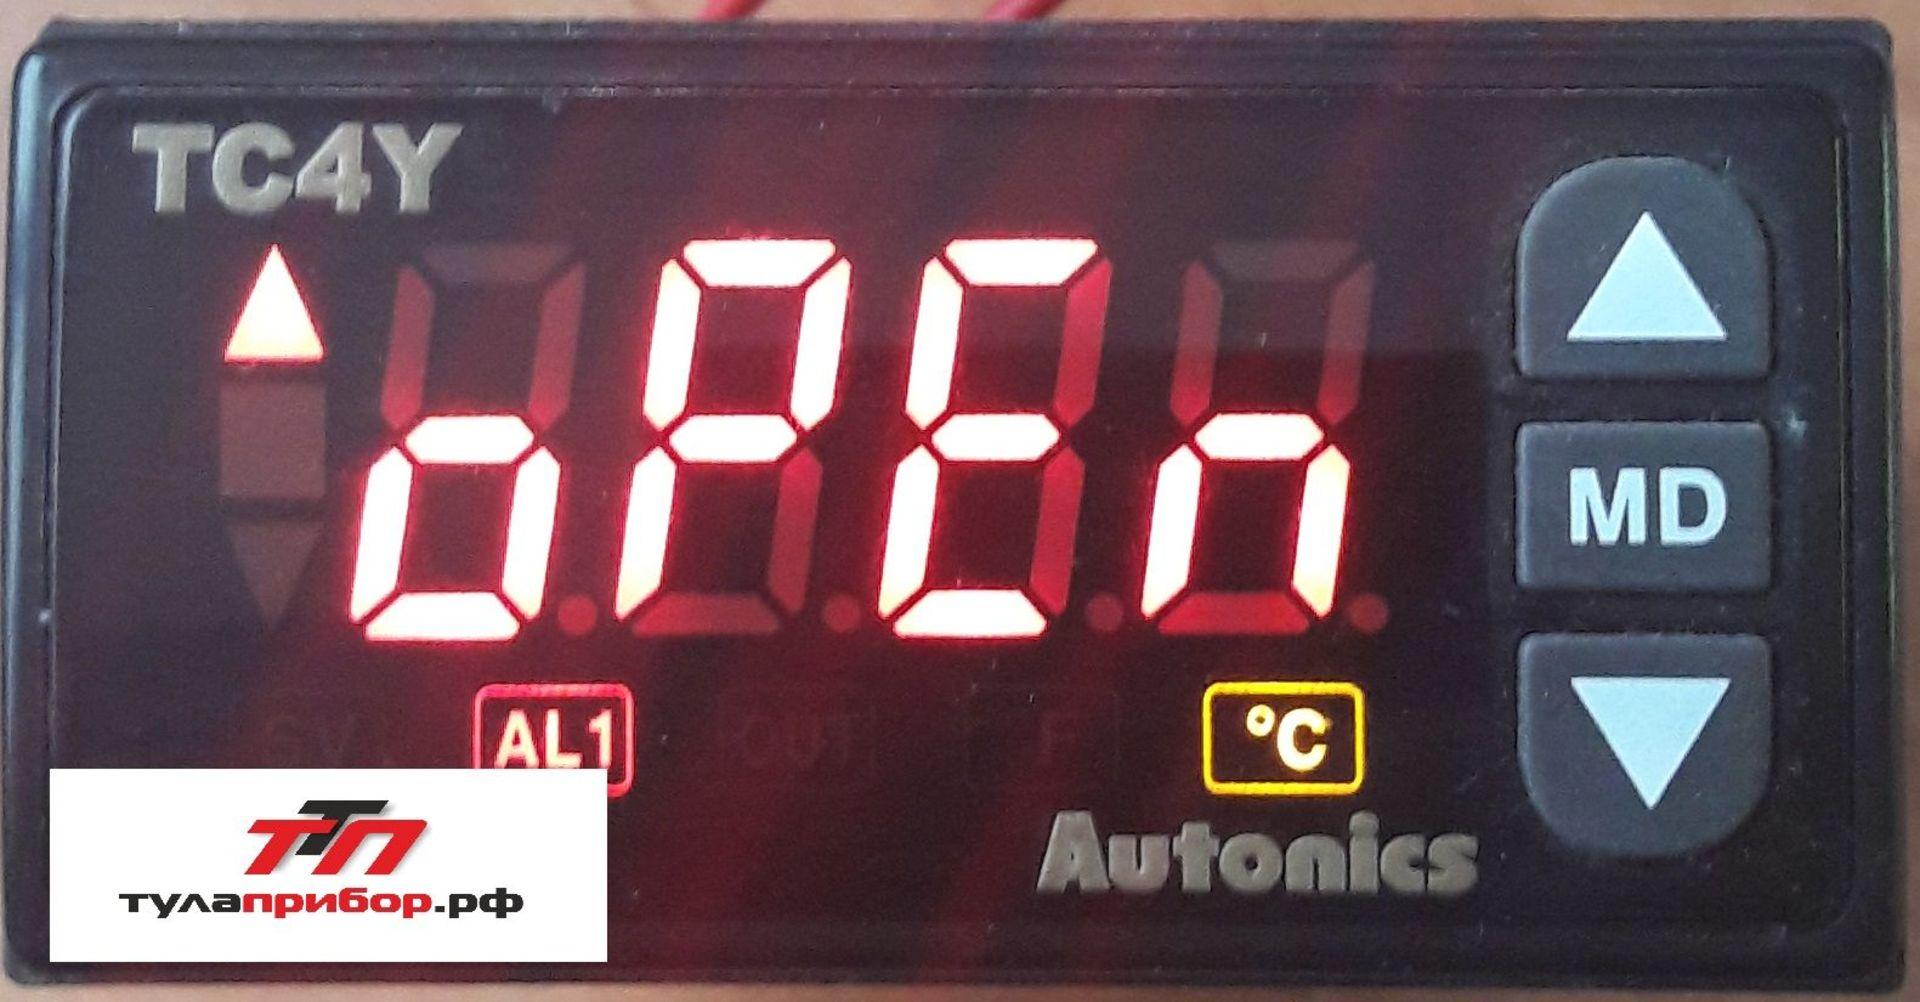 Сброс наиболее частых ошибок  контролеров Autonics.